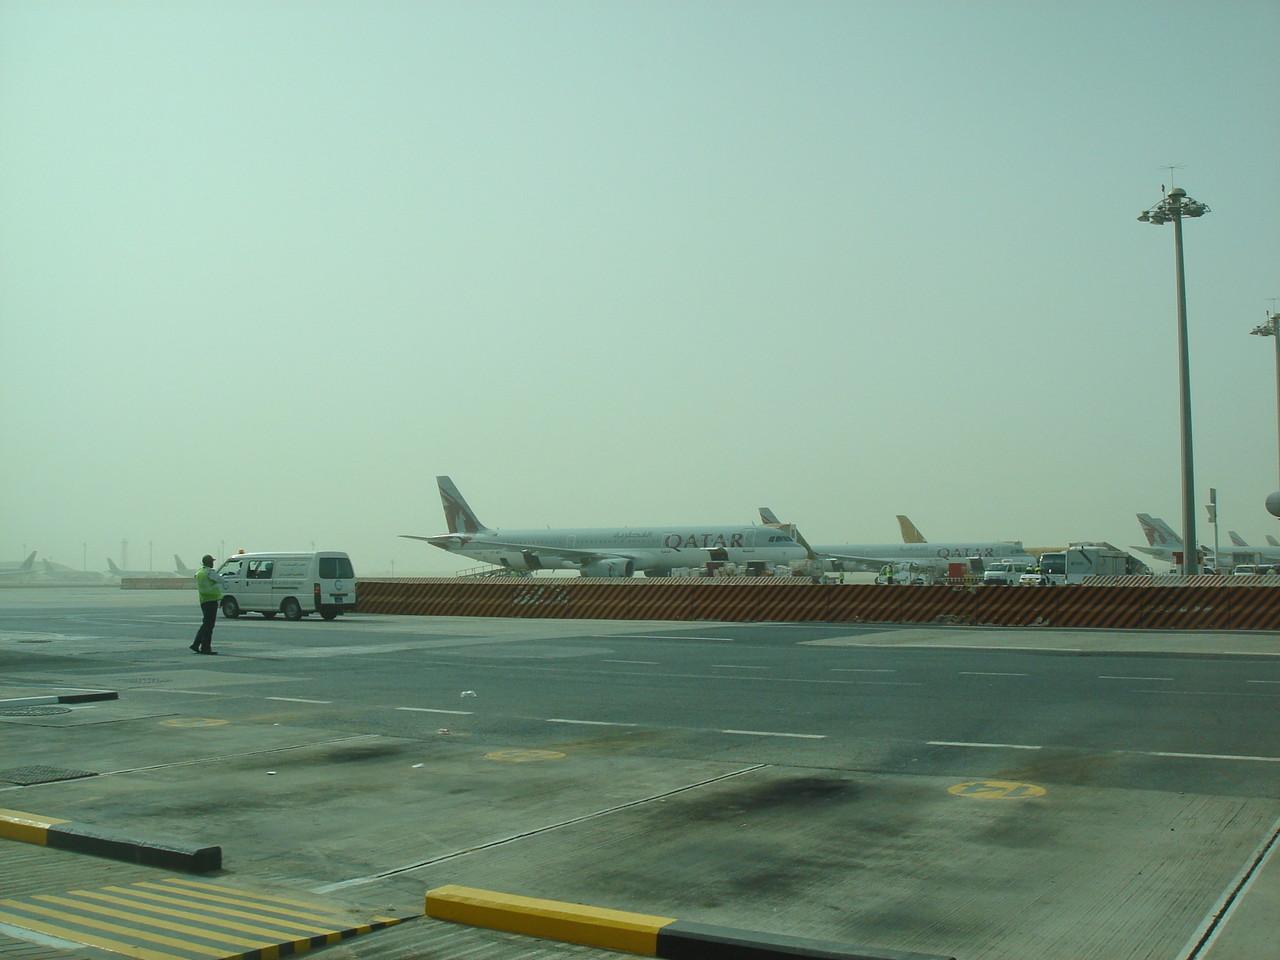 Airport, sandstorm, Doha